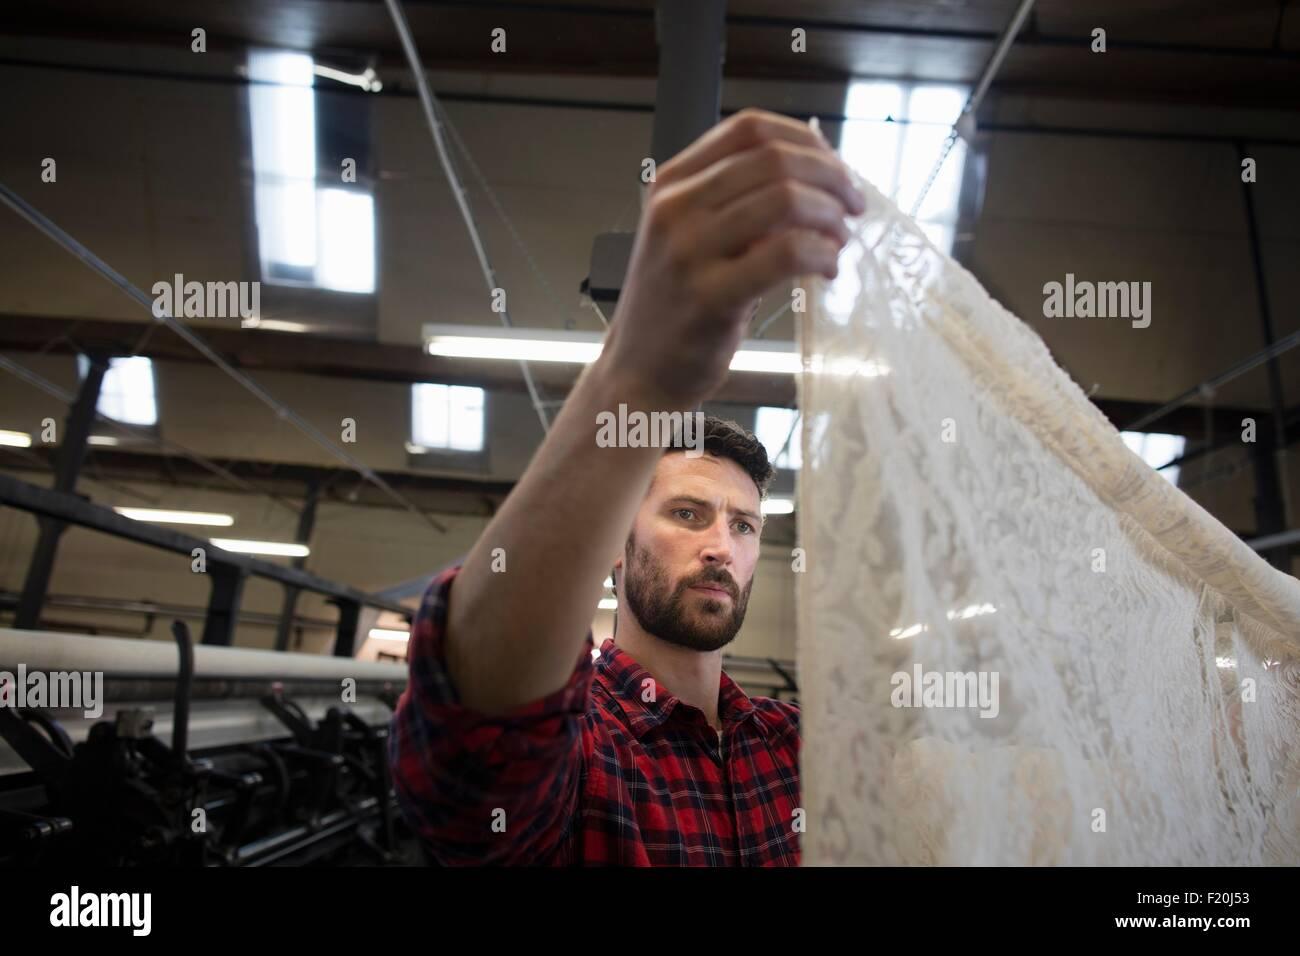 Retrato de varón weaver examinando los paños de encaje antiguo telar en fábrica textil Imagen De Stock